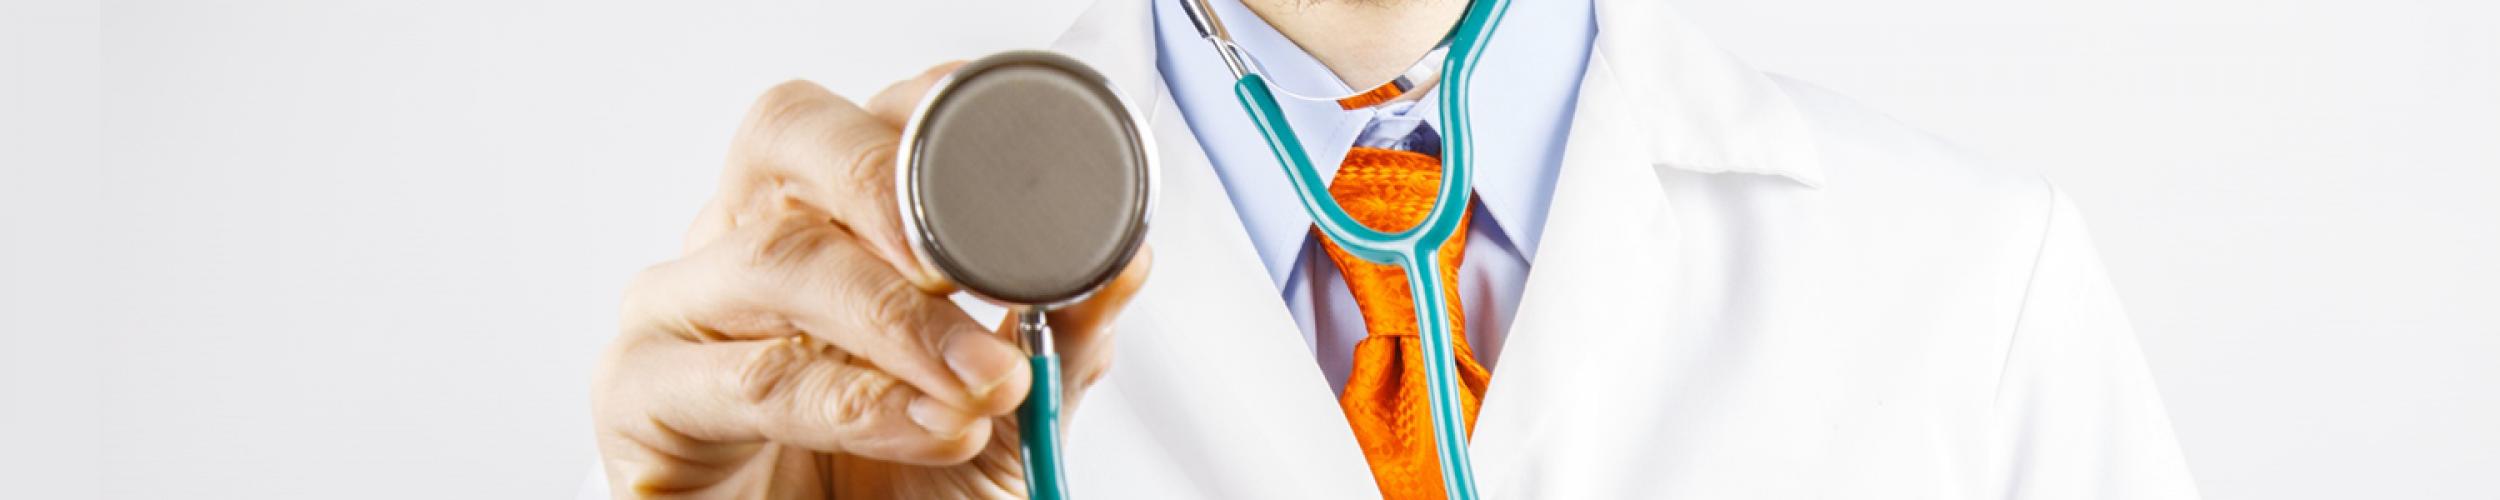 Dokters, EHBO, medische hulp